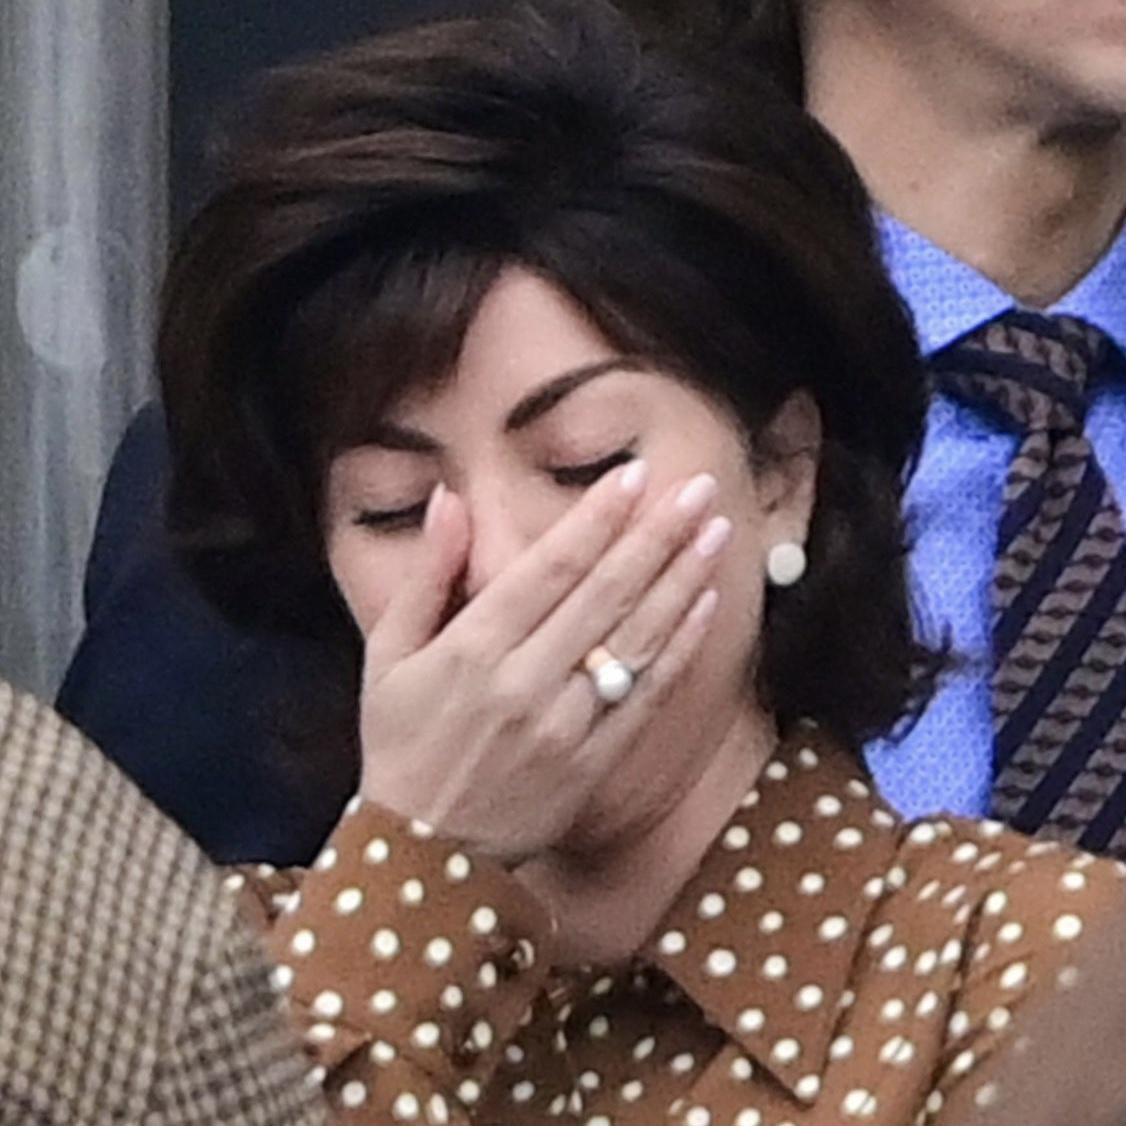 Lady Gaga laughing